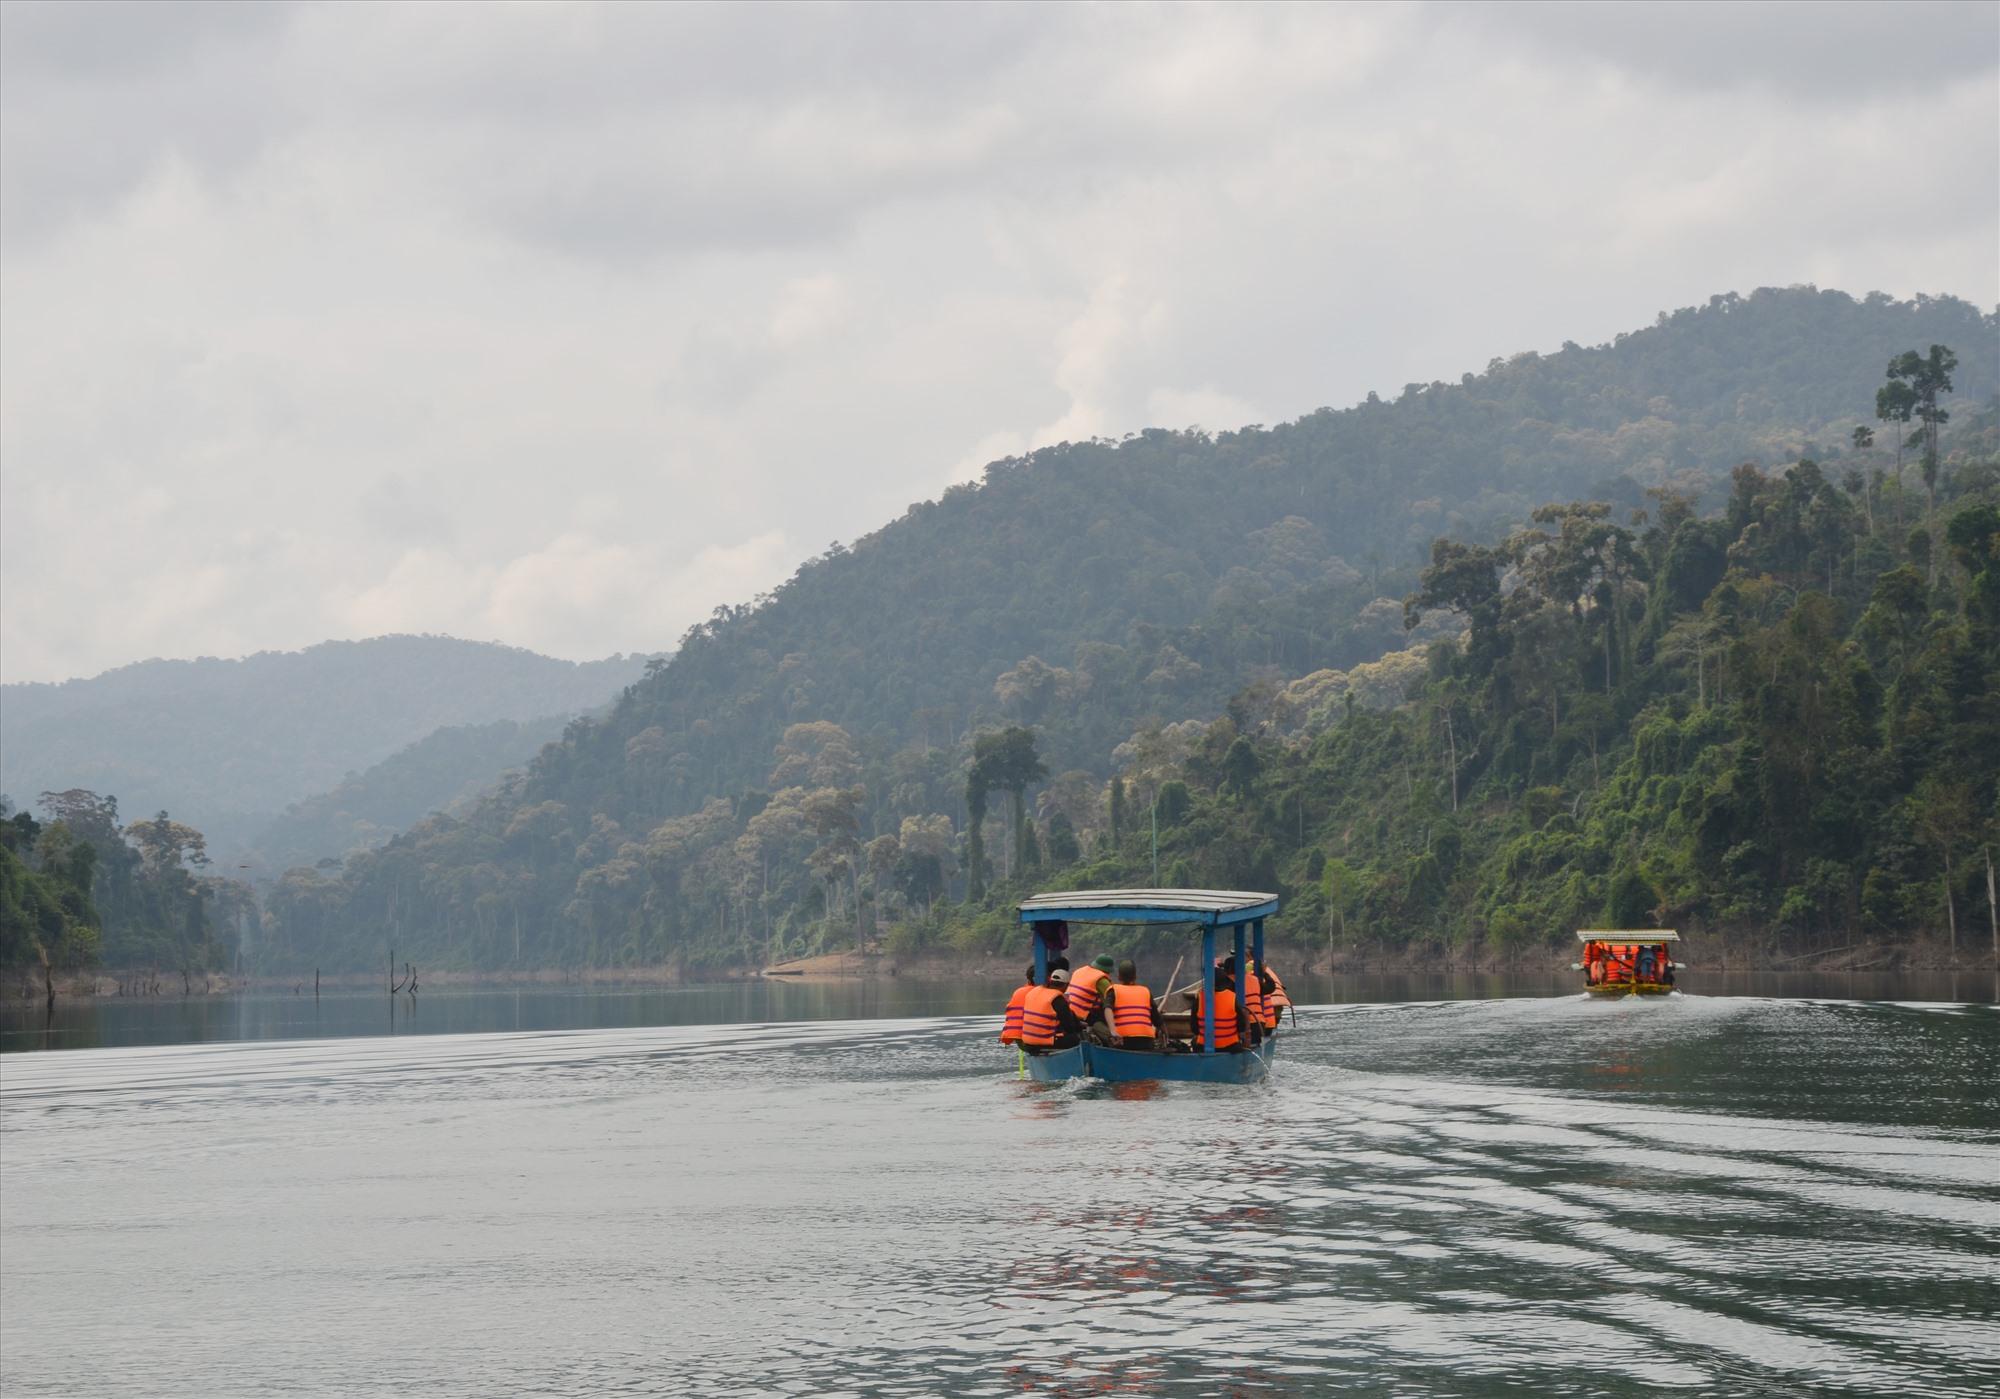 Nước ở hệ thống dòng Vu Gia - Thu Bồn trong xanh trở lại do các công trình thủy điện đã vận hành và các hồ chứa nước trở thành bể lắng trước khi về hạ lưu. Ảnh: H.P